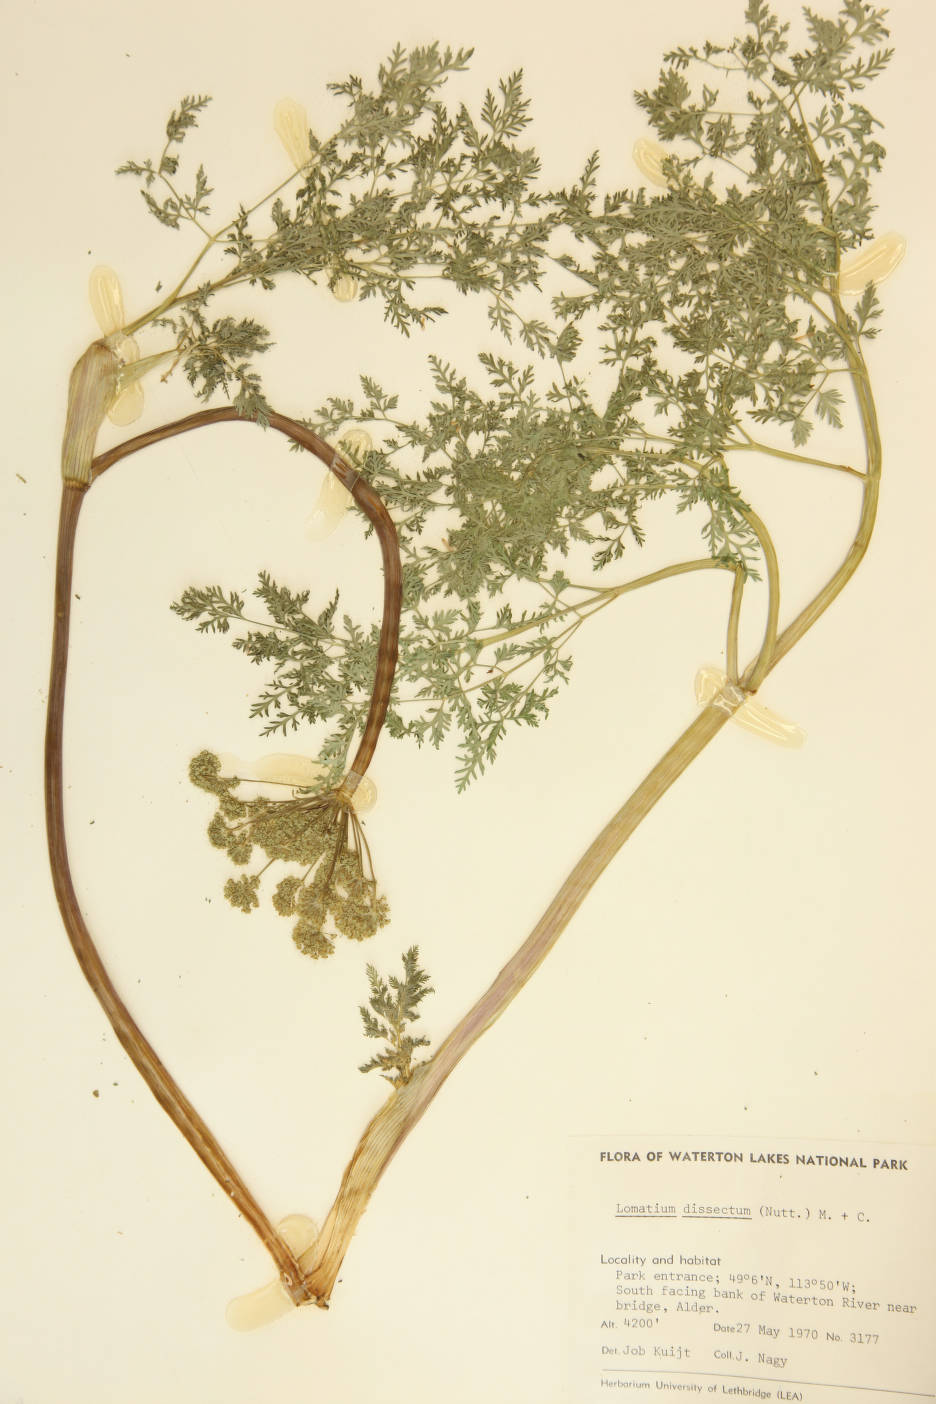 Lomatium dissectum image